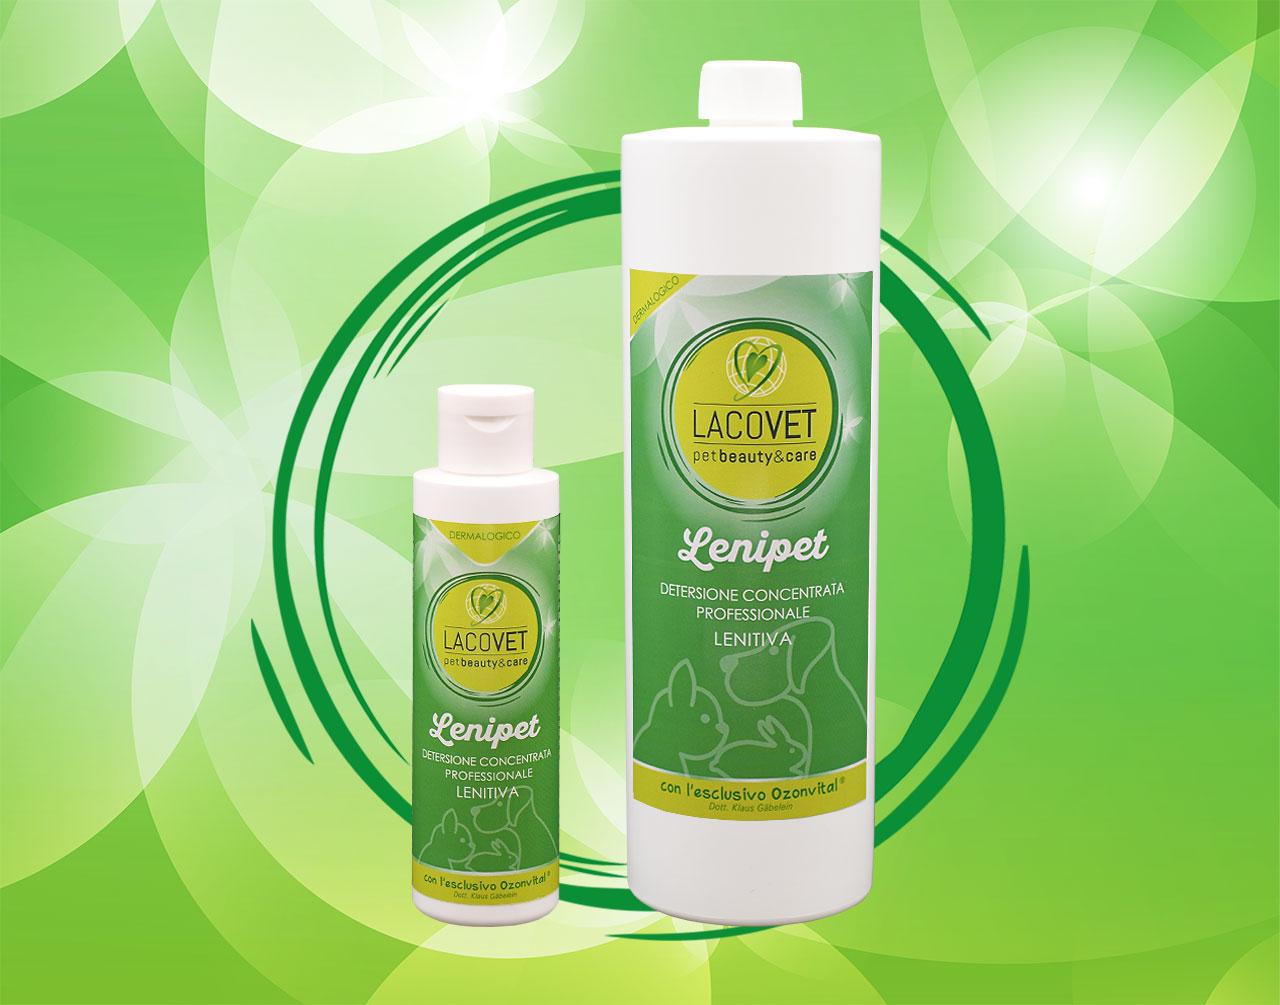 LENIPET detersione concentrata professionale lenitiva - LACOVET pet beauty&care